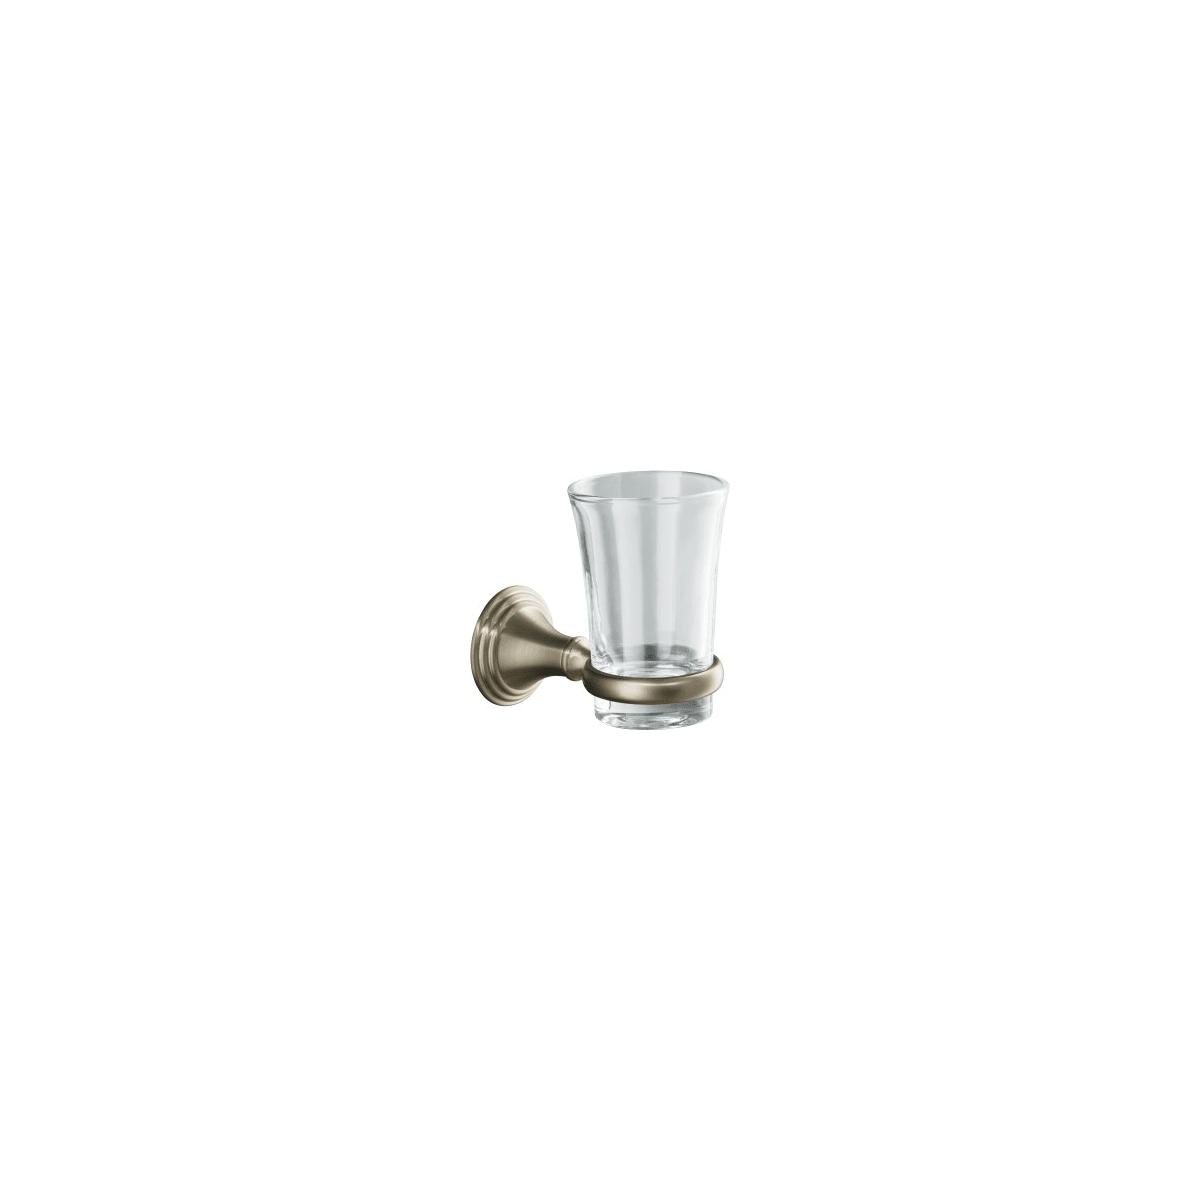 Vibrant Polished Brass KOHLER K-10561-PB Devonshire Tumbler and Toothbrush Holder